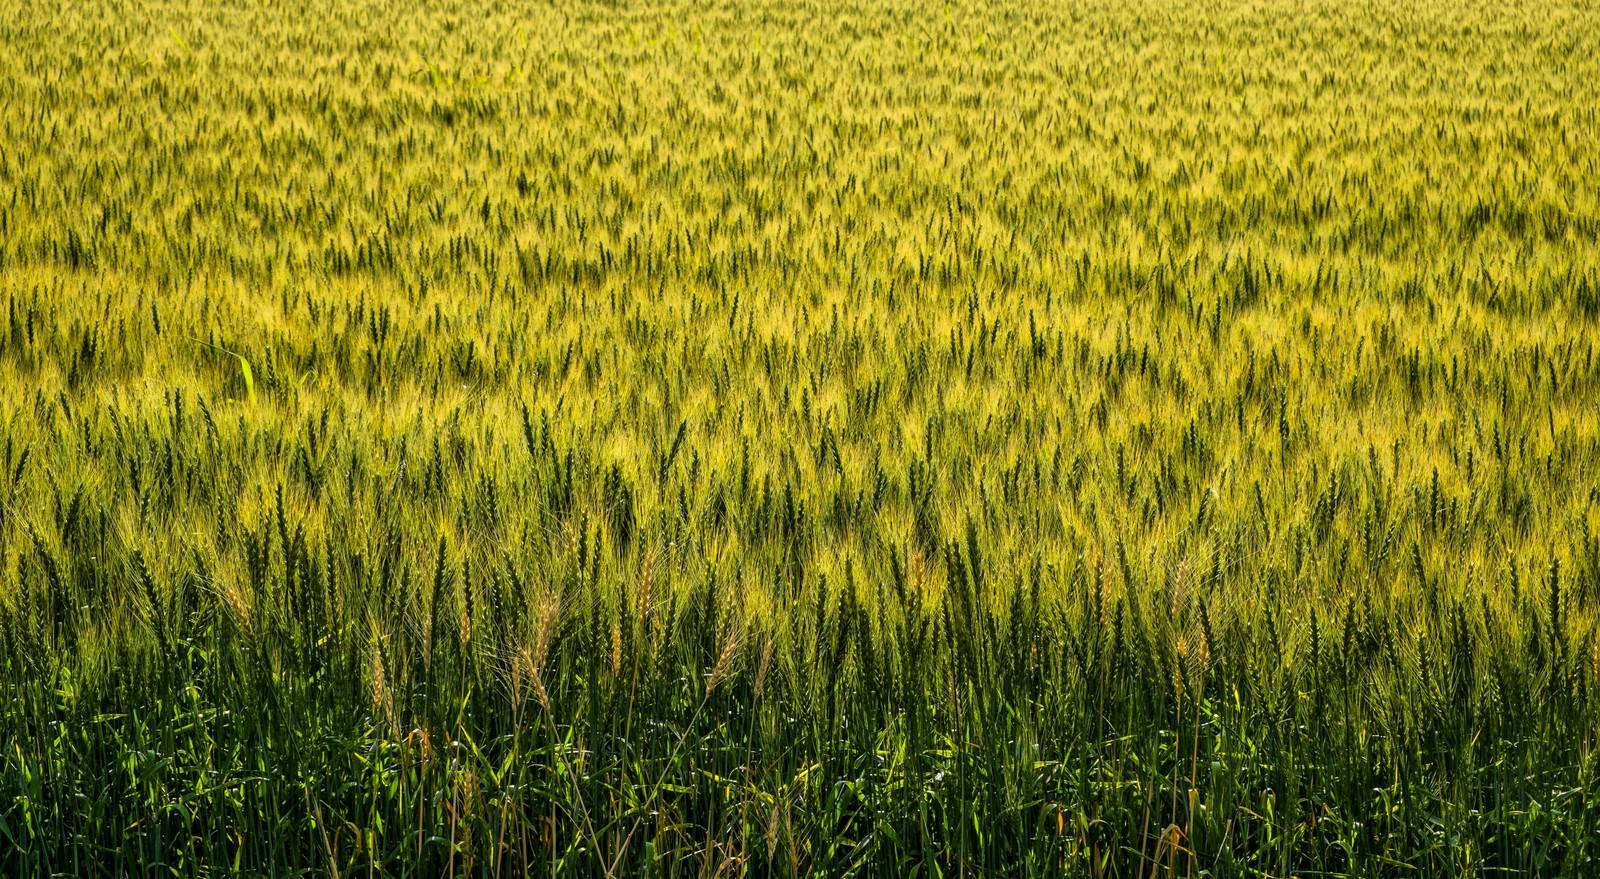 「一面の麦畑一面の麦畑」のフリー写真素材を拡大